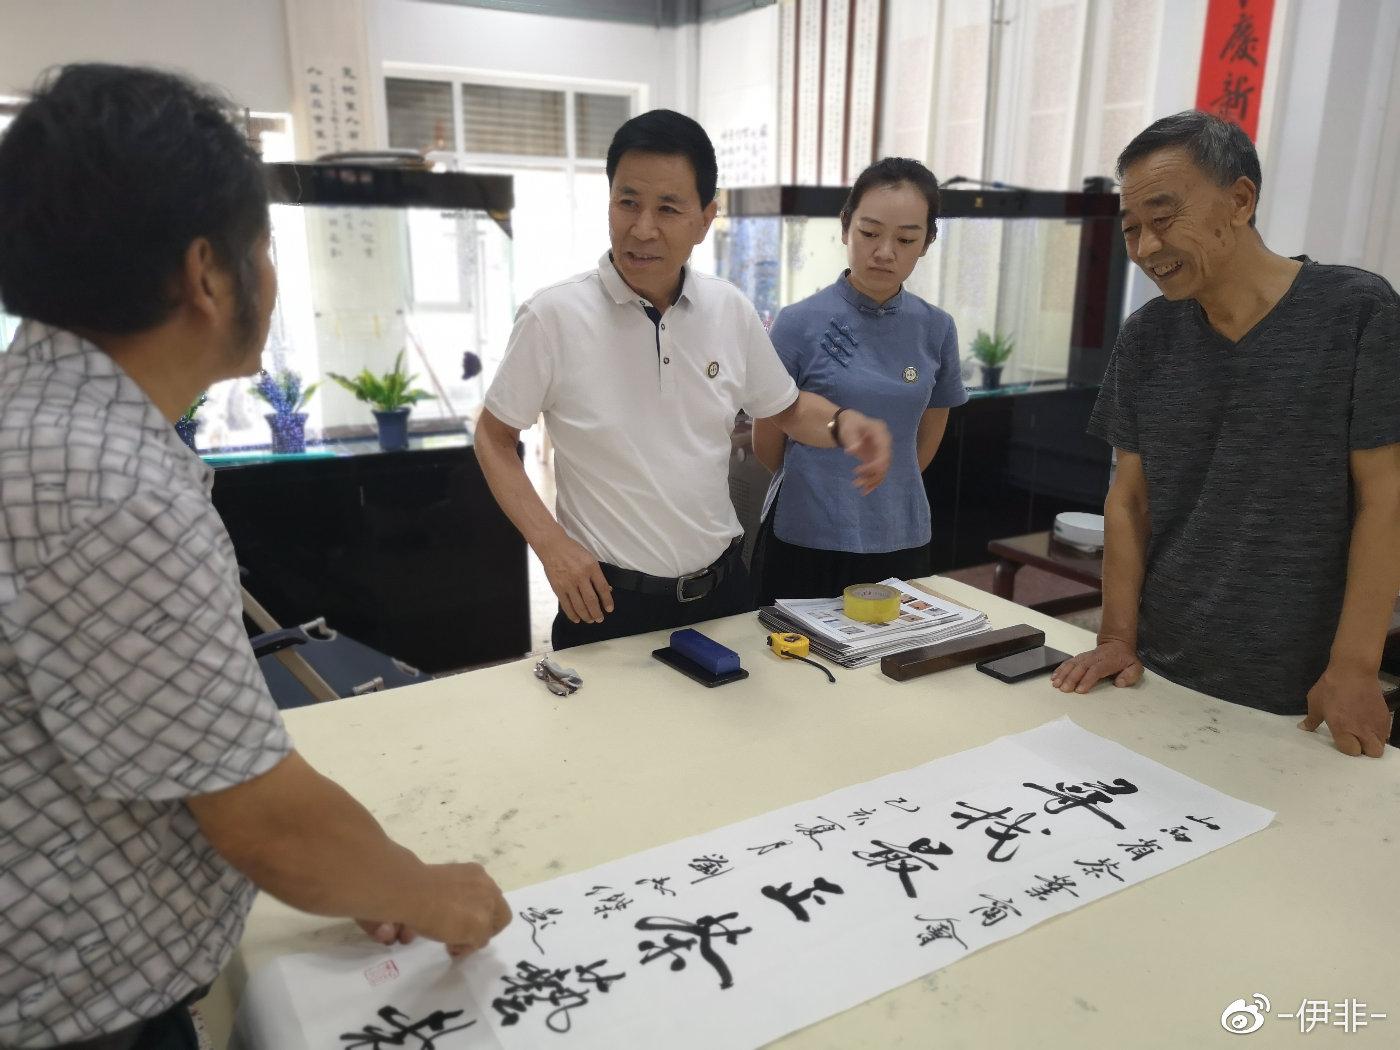 刘志杰:墨宝生辉助力二青会,他的书作遍及三晋大地